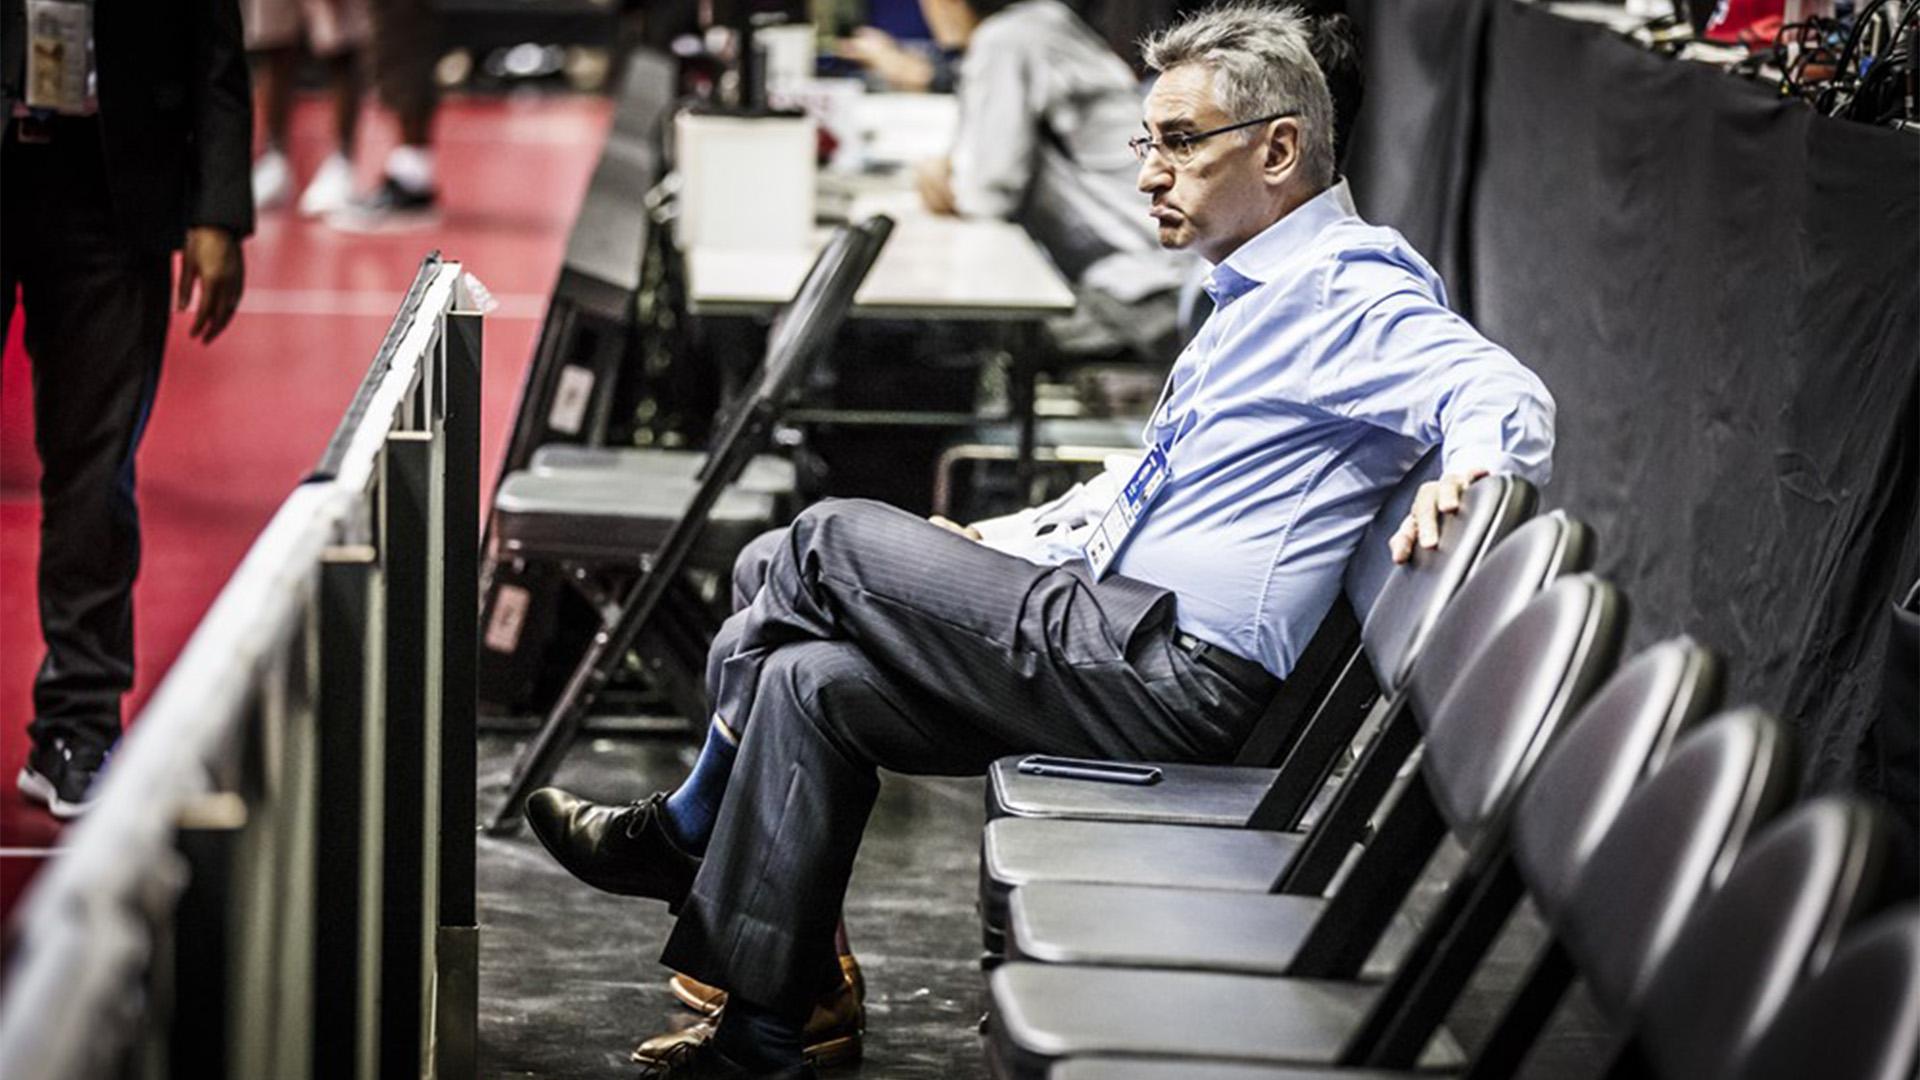 Mundial de China 2019, Juegos Olímpicos de Tokio 2020 y Mundial 2023, los objetivos de Lamas en la selección japonesa de básquet (FIBA)